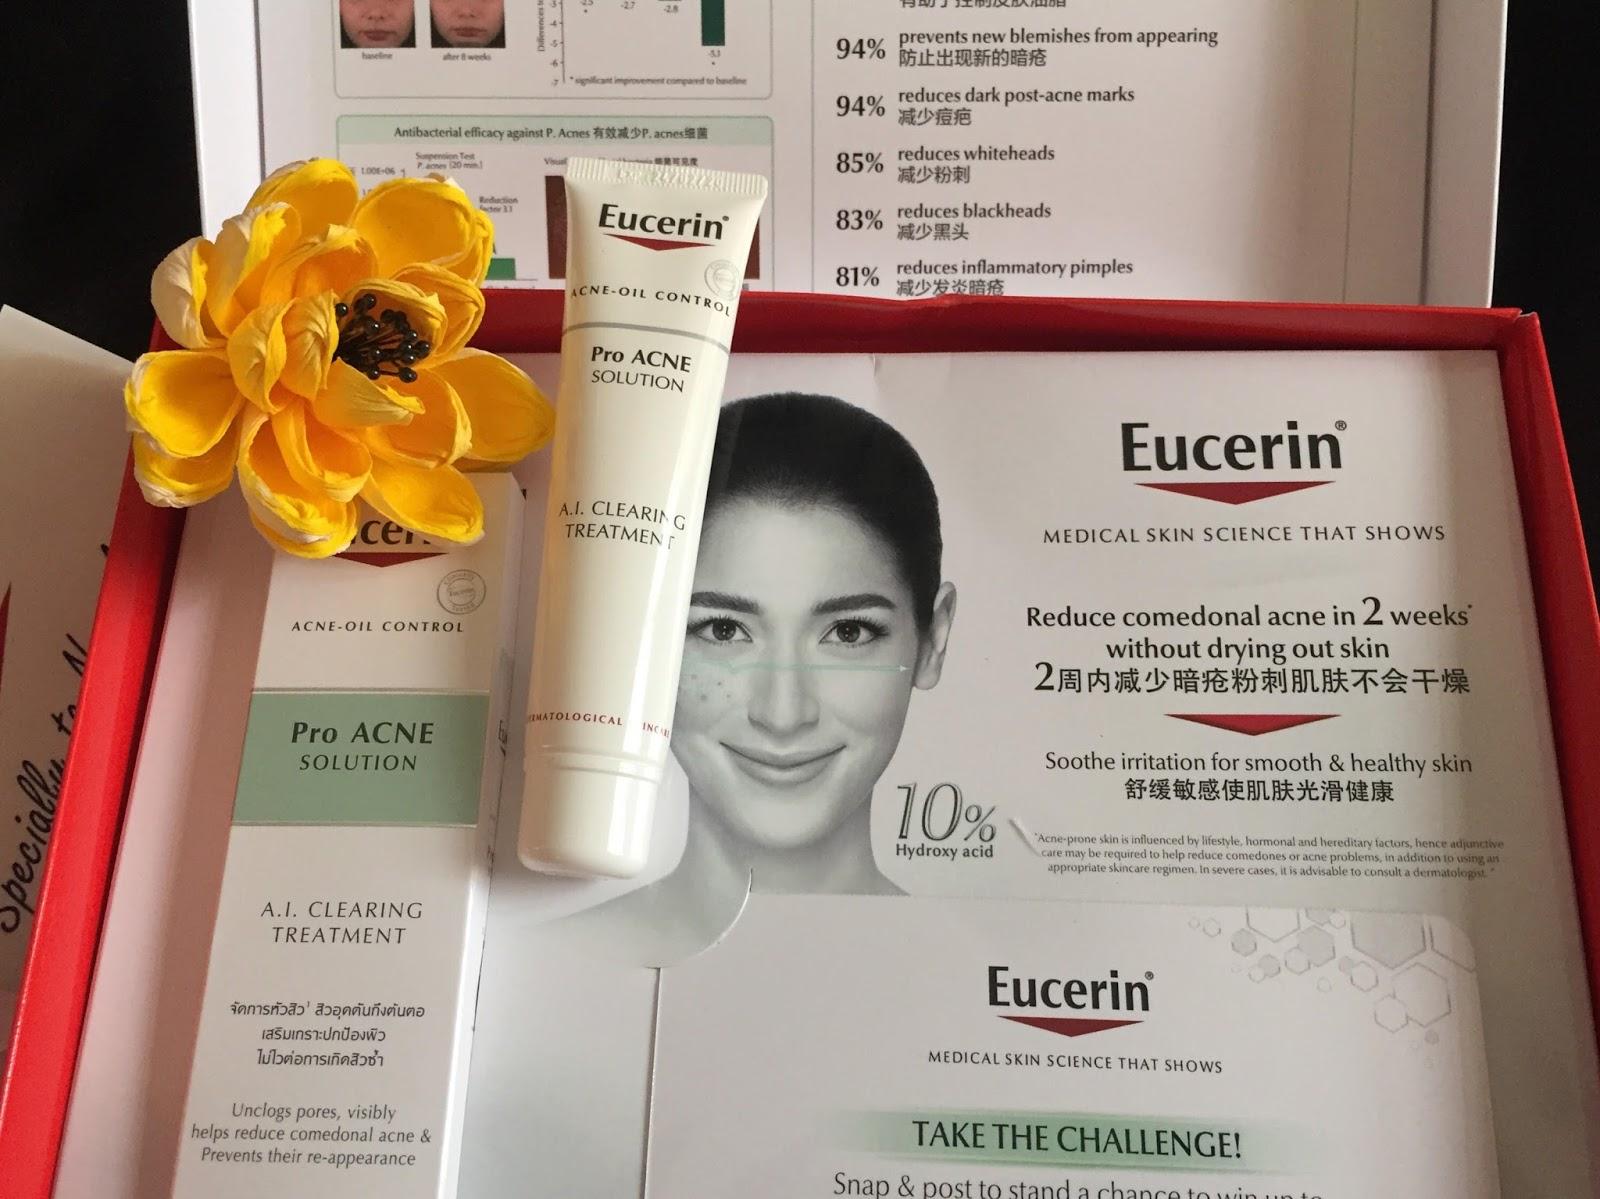 Eucerin proacne, hilangkan jerawat, rawat jerawat, kulit muka, beauty